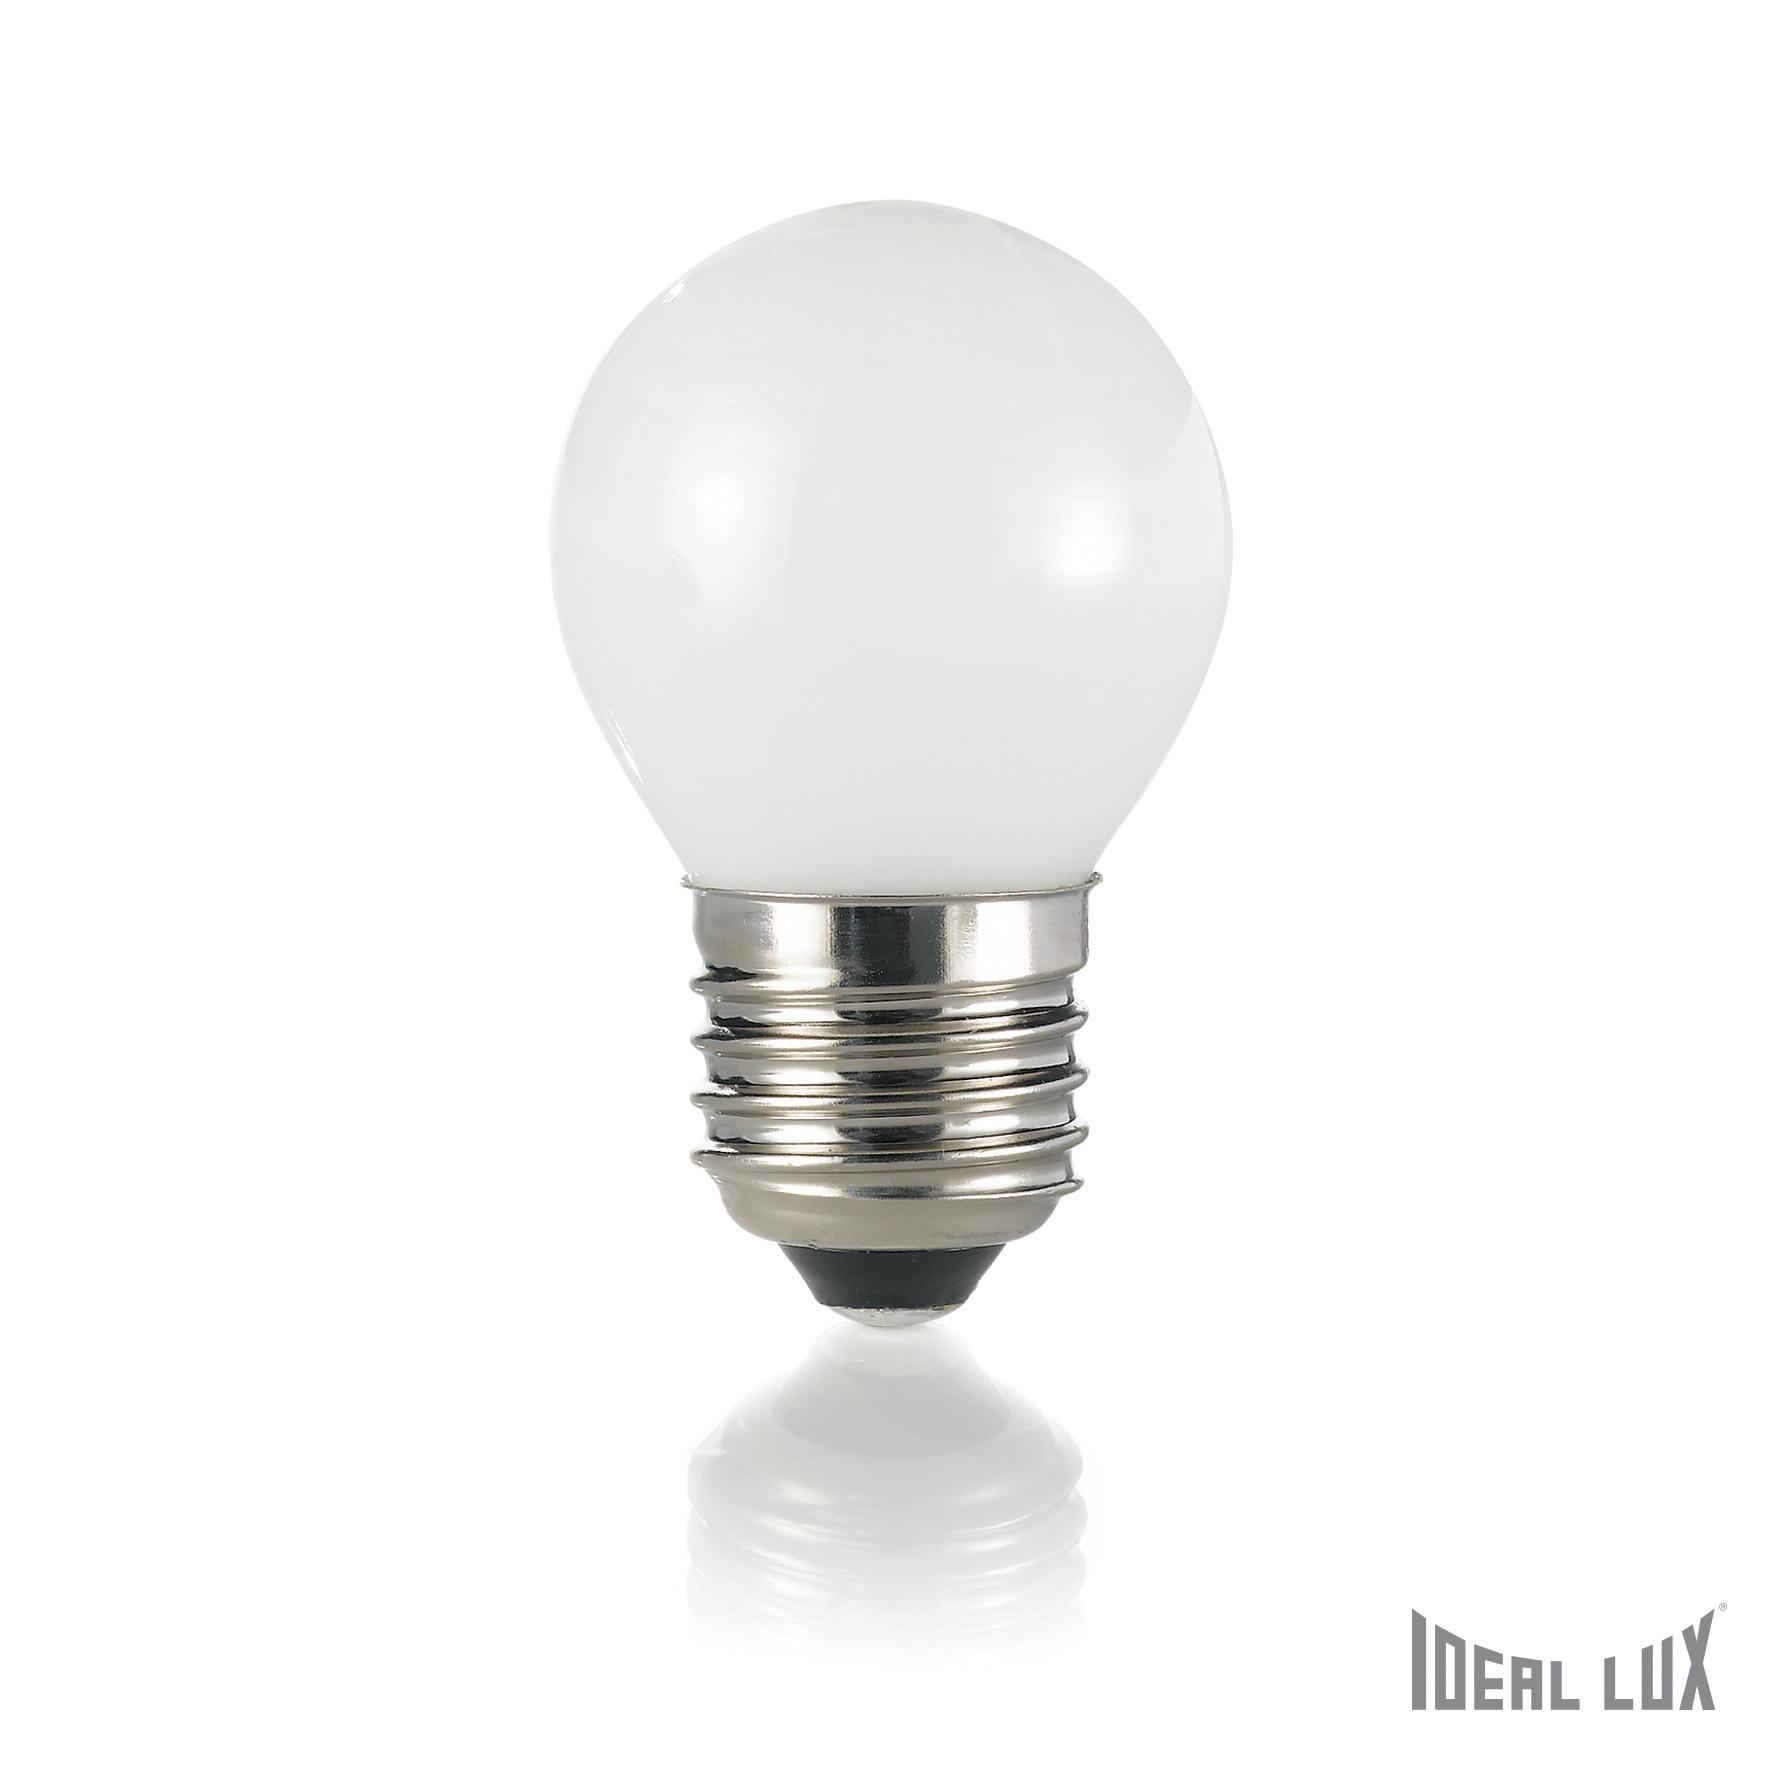 Bec LED E27 Sfera-Alb imagine